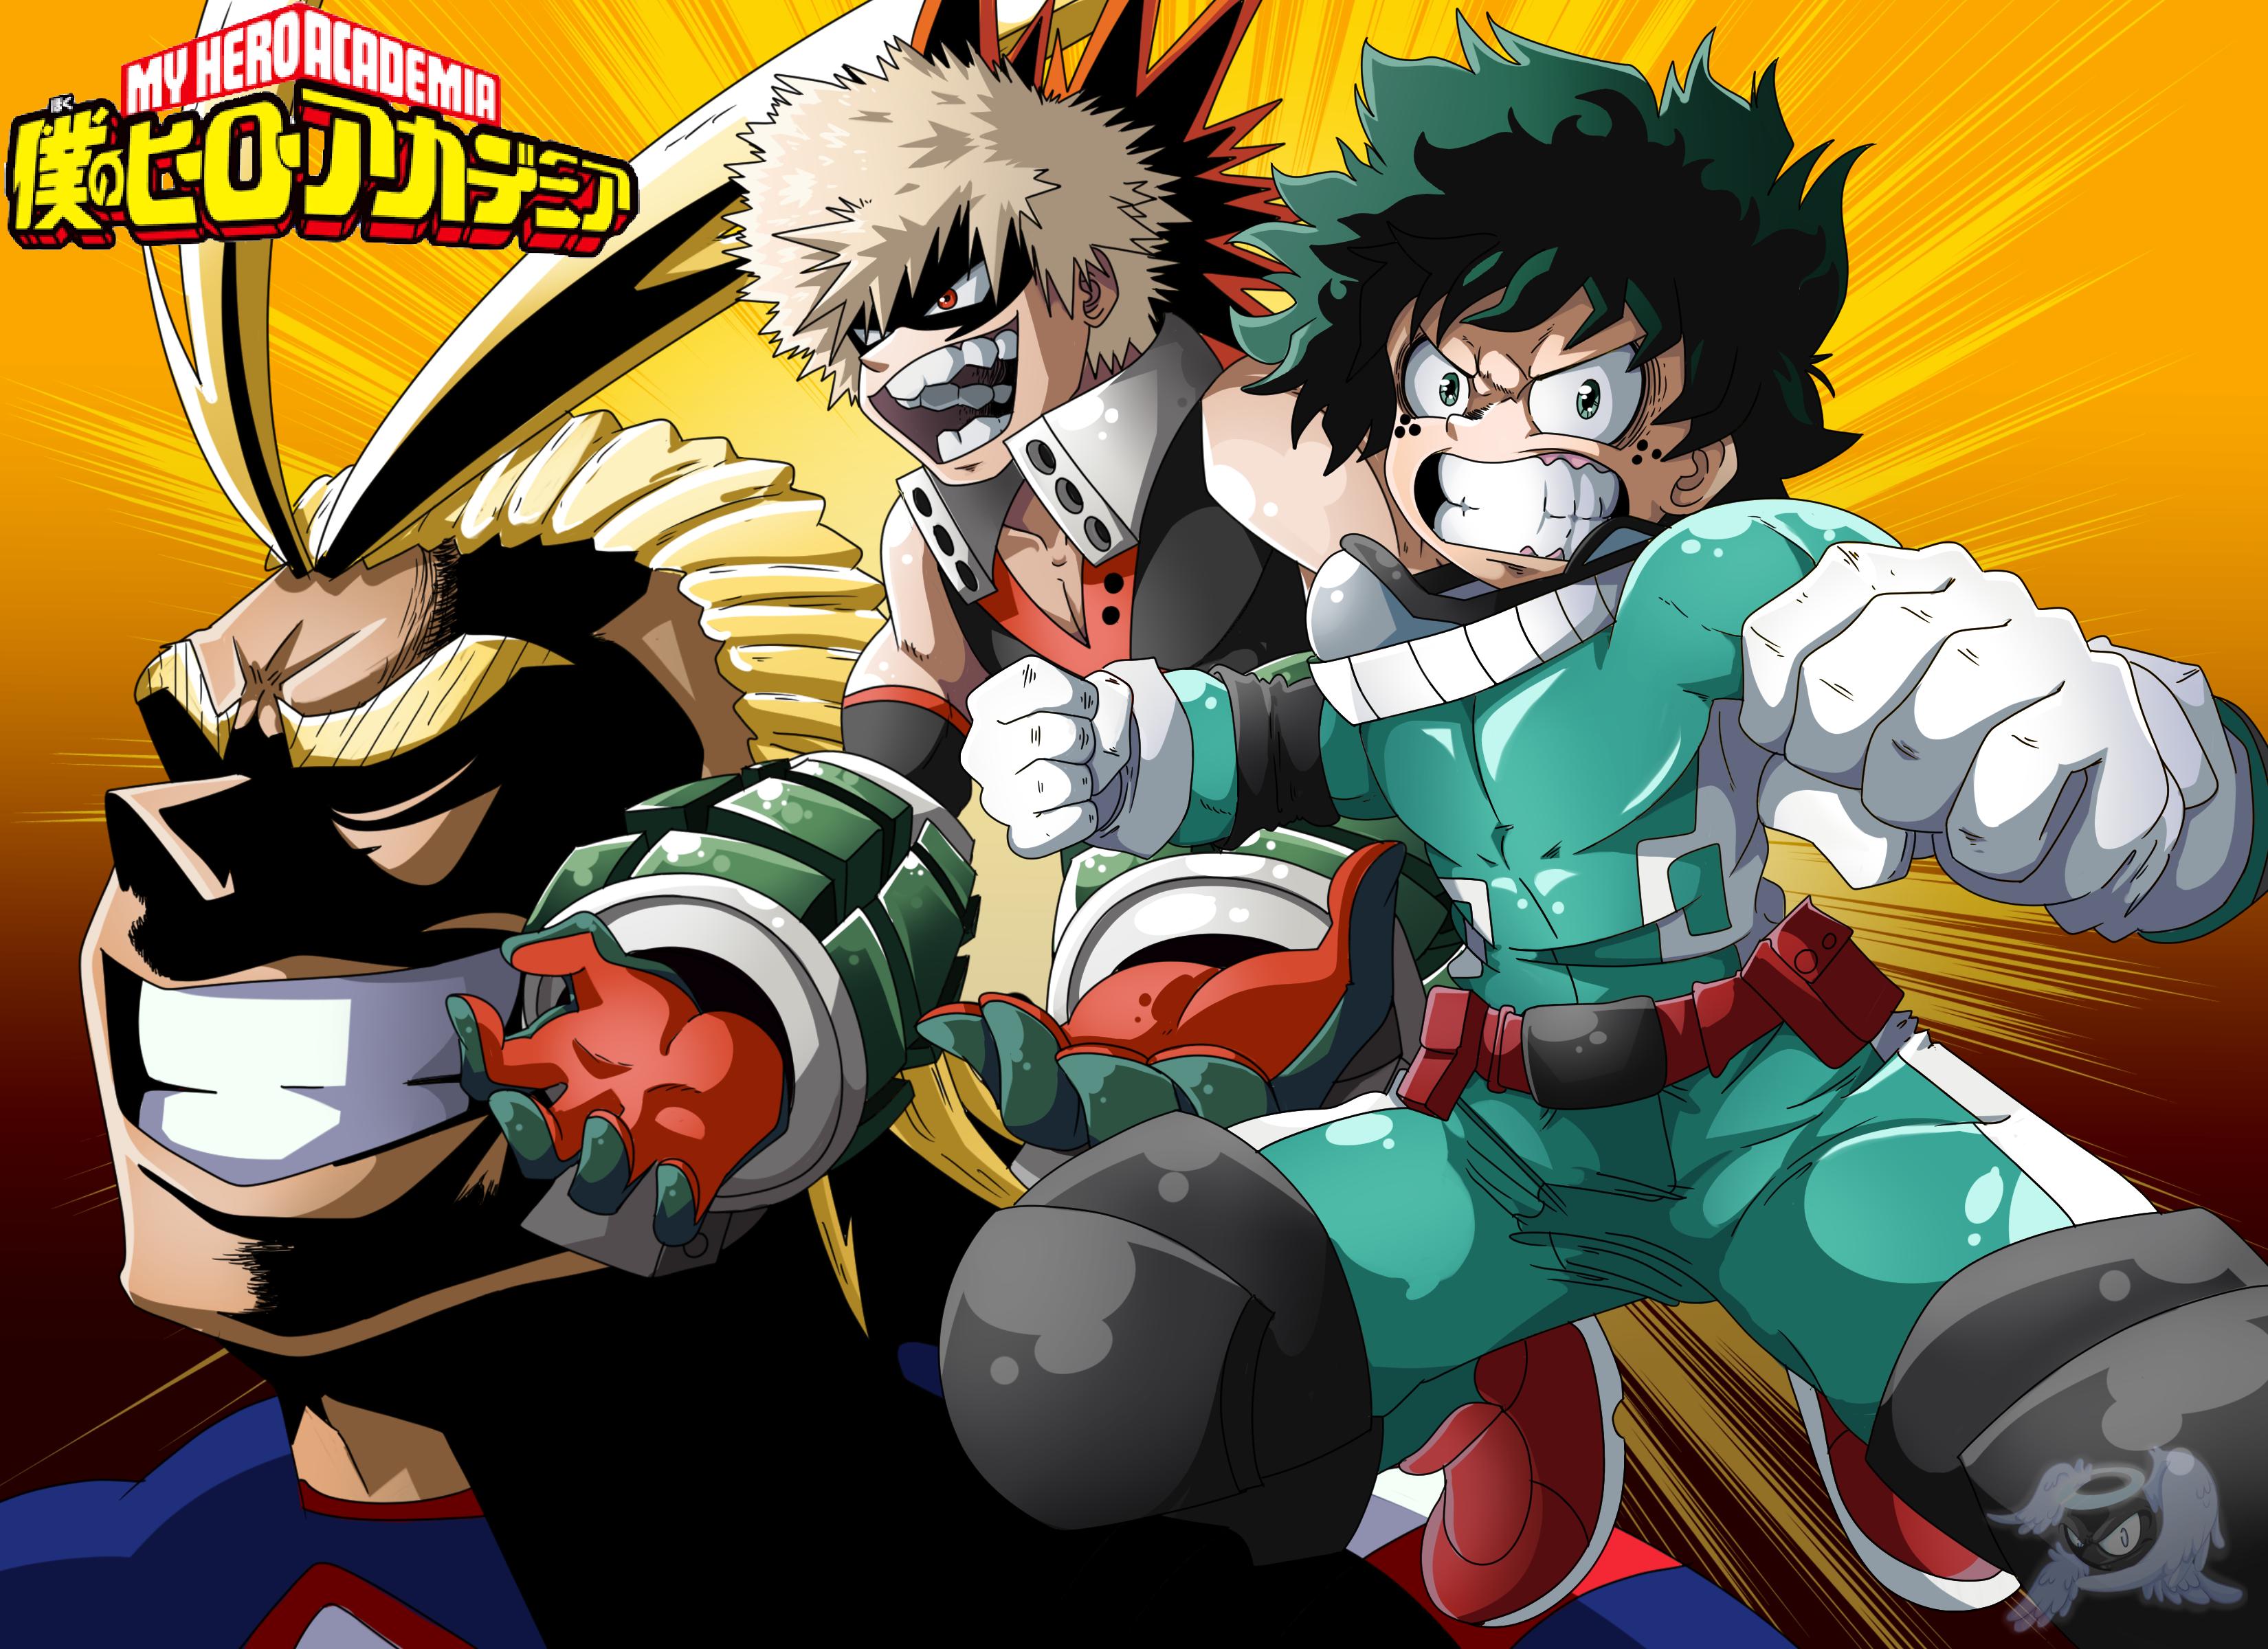 My Hero Academia Collage